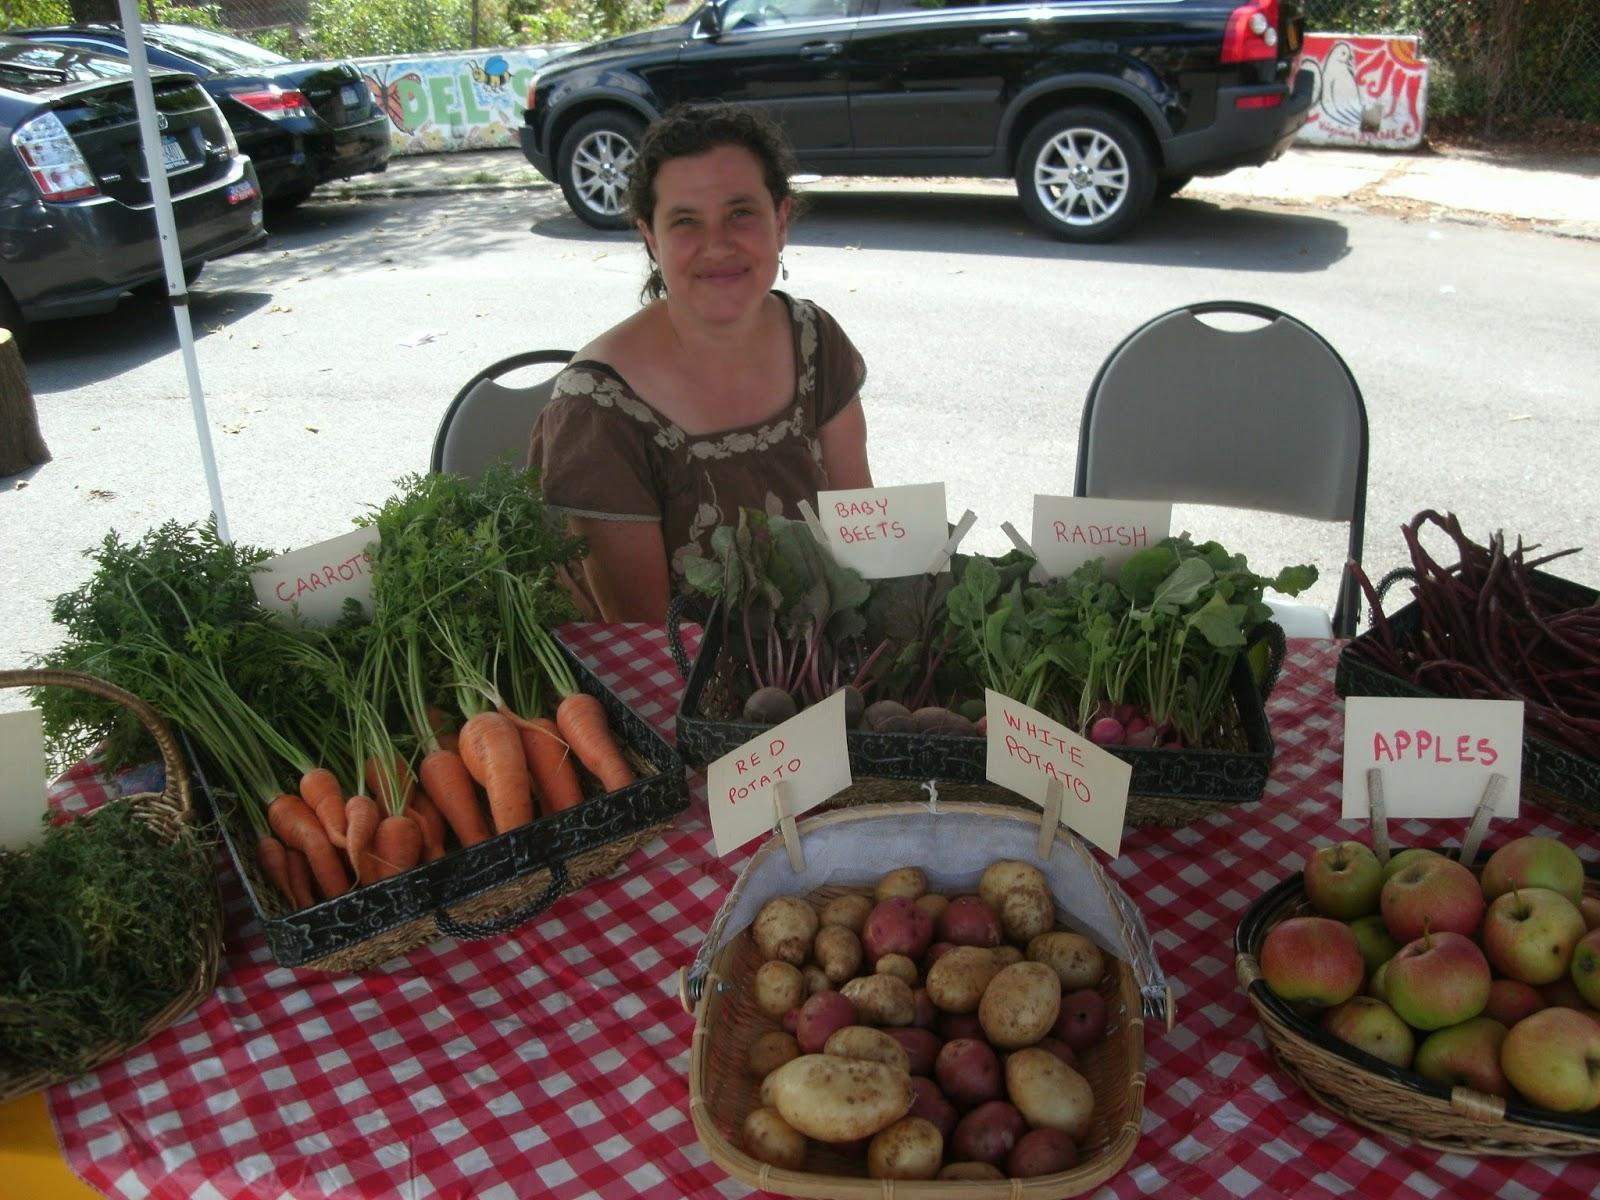 La Finca del Sur member selling garden produce Bronx, NY